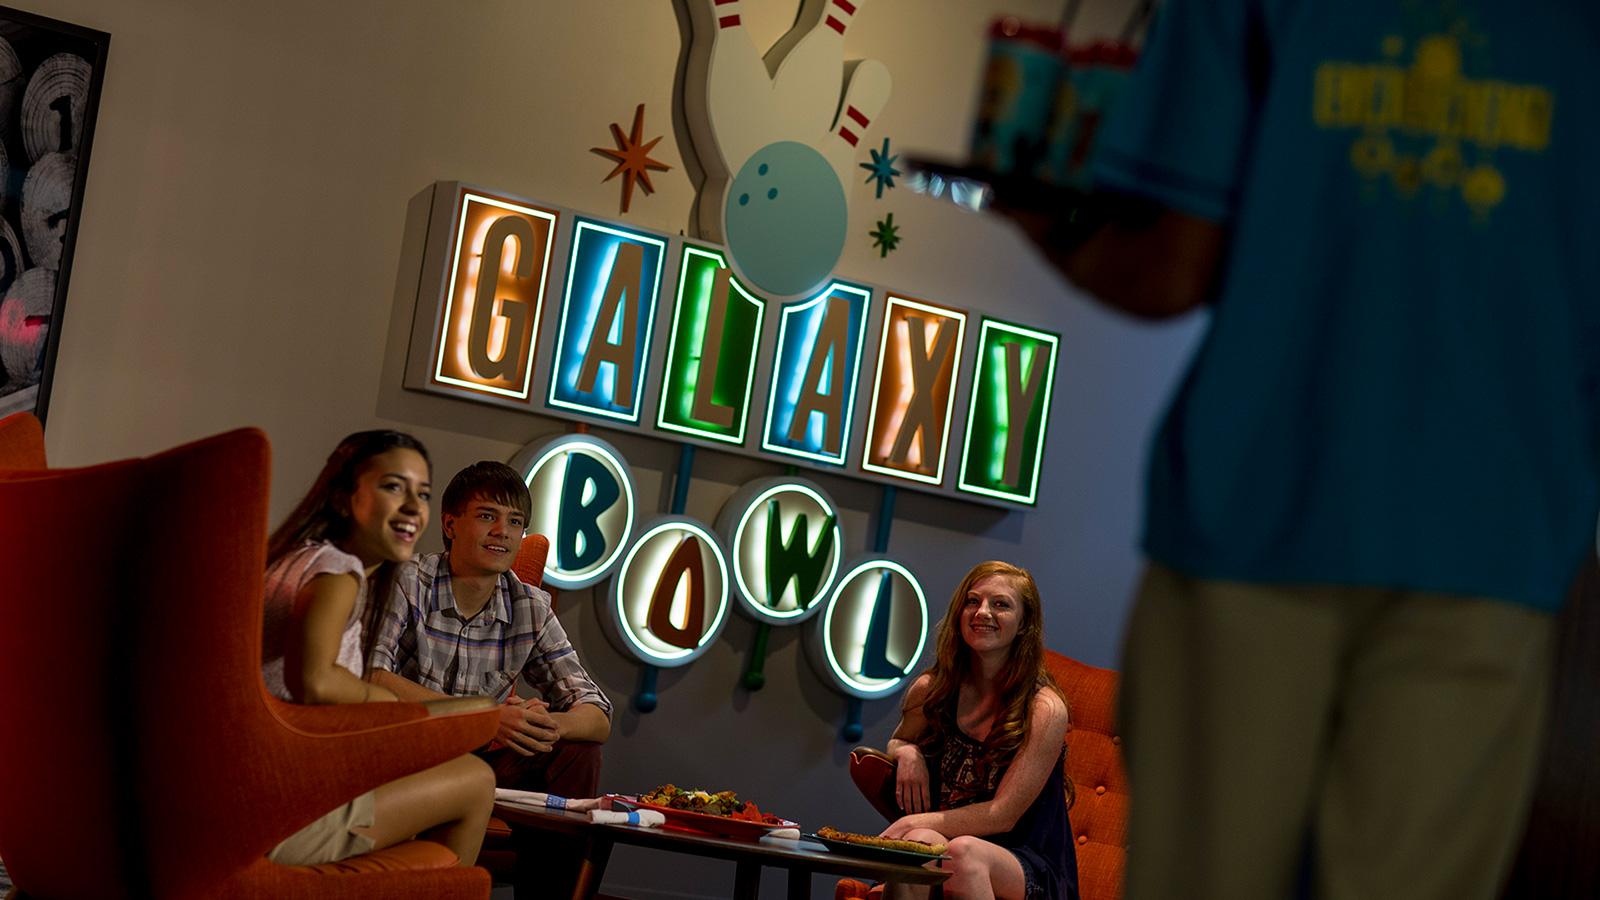 galaxy-bowl-restaurant.constantcontactsites.com